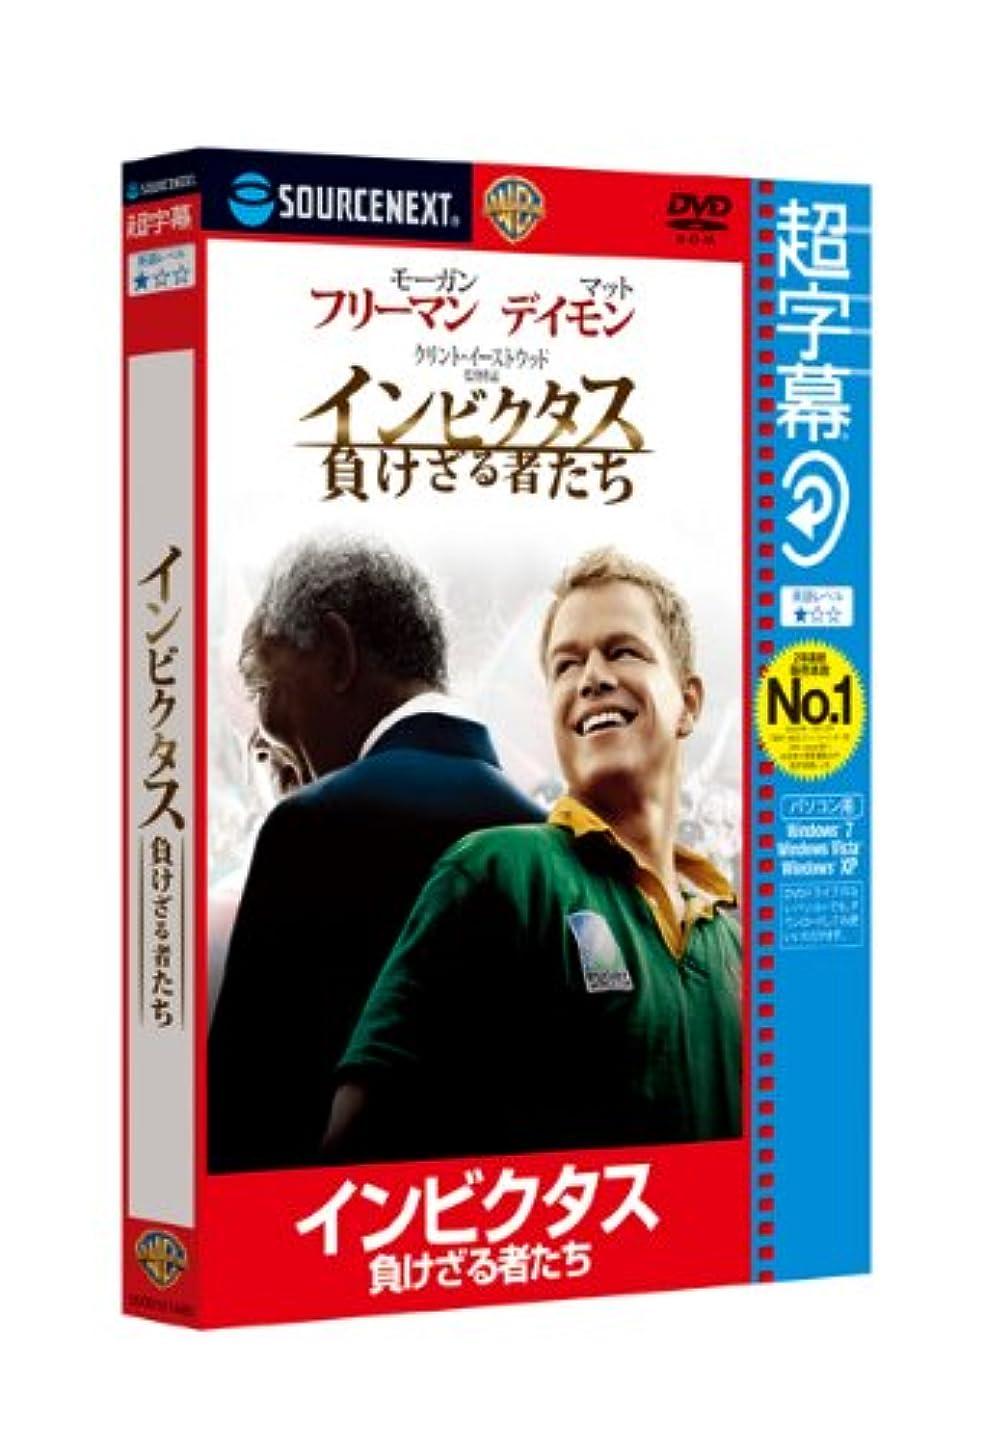 適用するお尻特派員超字幕/インビクタス 負けざる者たち (キャンペーン版DVD)